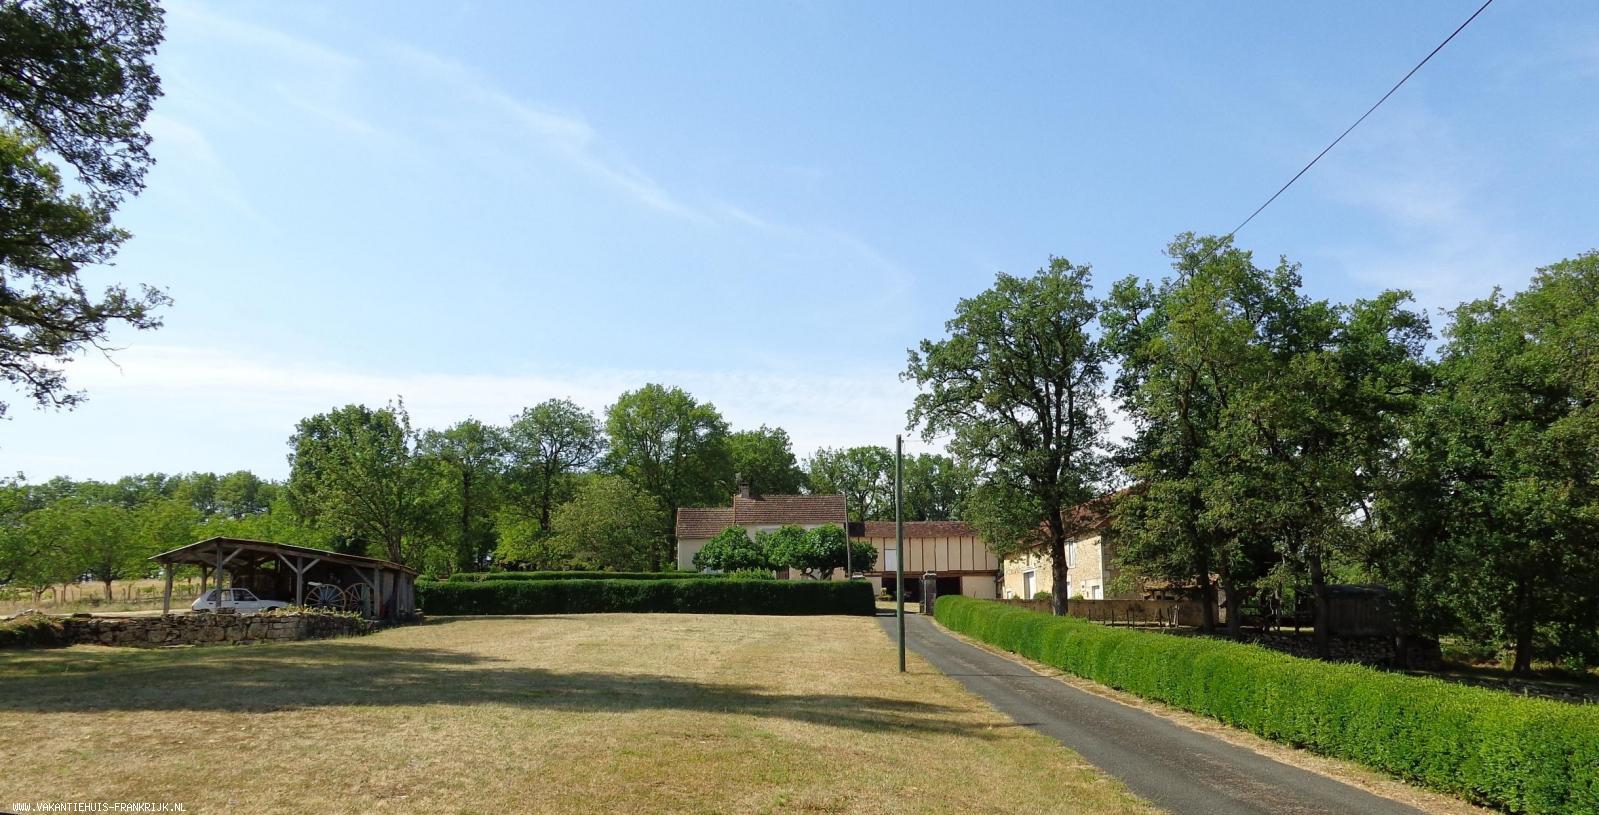 Vakantiehuis: Rustig gelegen 4 persoons vakantiehuis nabij beroemde bezienswaardigheden te huur voor uw vakantie in Dordogne (Frankrijk)